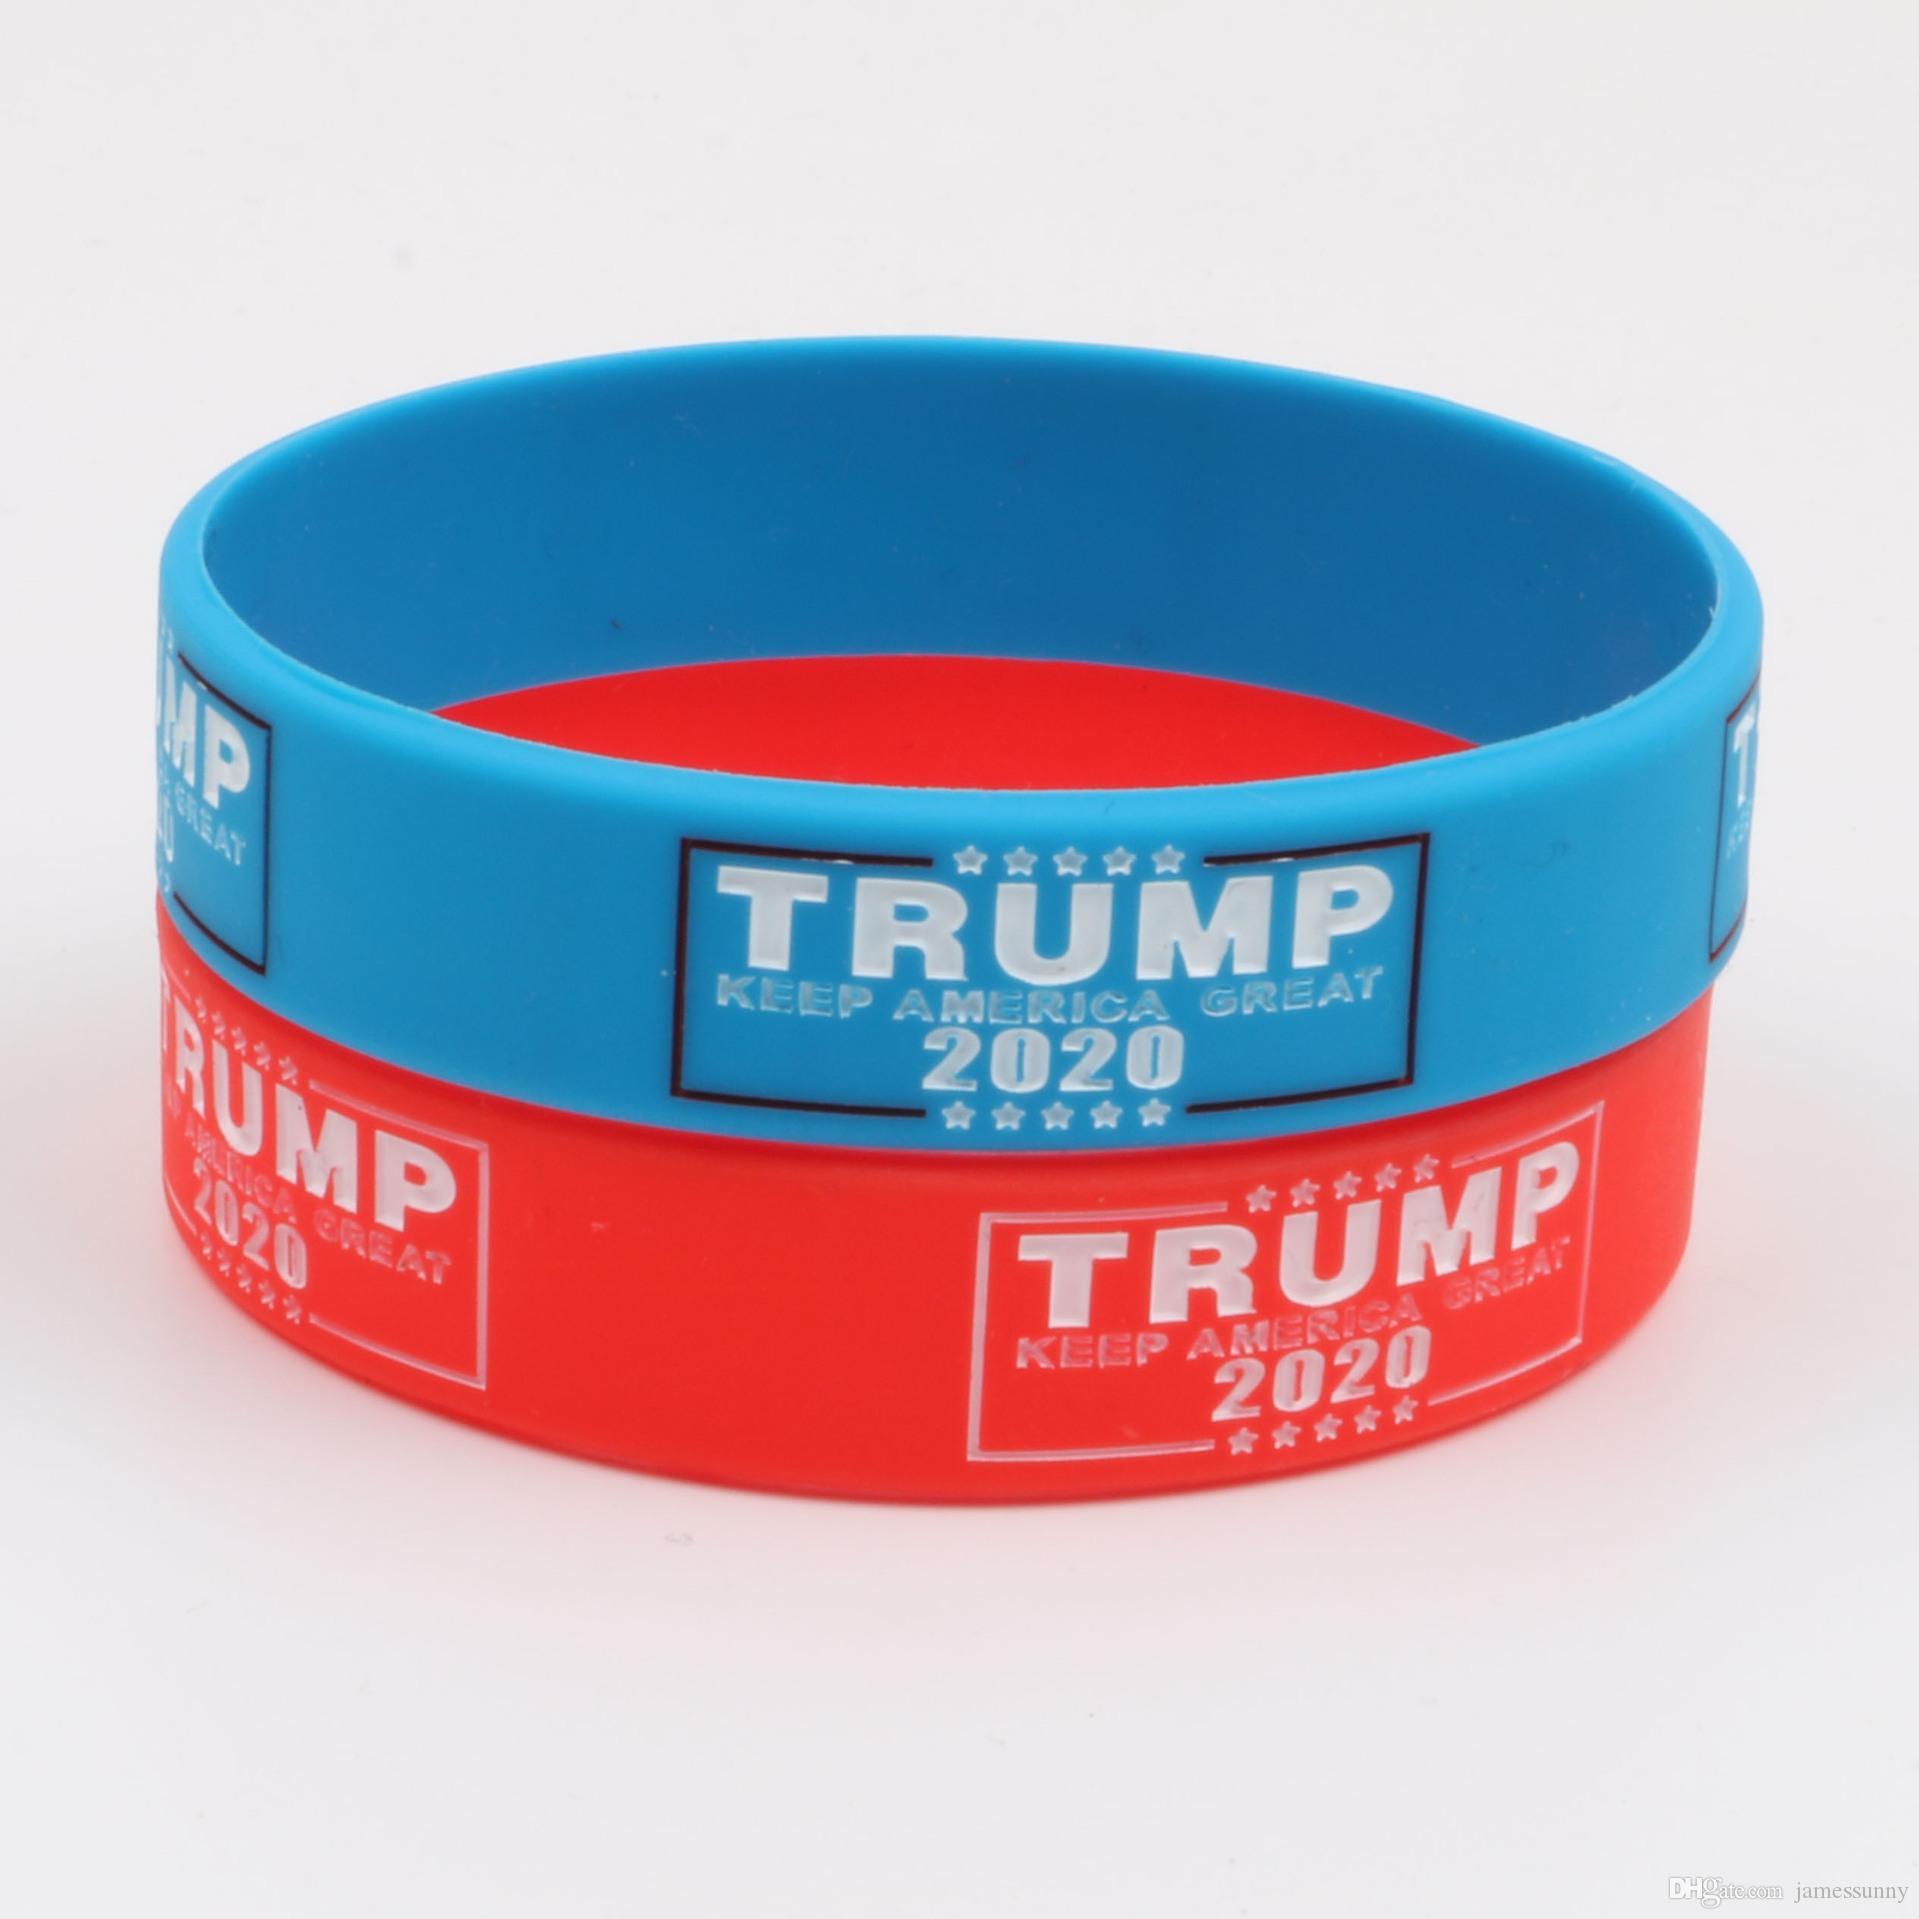 ATOUT Make America Great Encore une fois Lettre silicone Wristband Bracelet en caoutchouc Donald Trump Supporters Bracelets Wristband